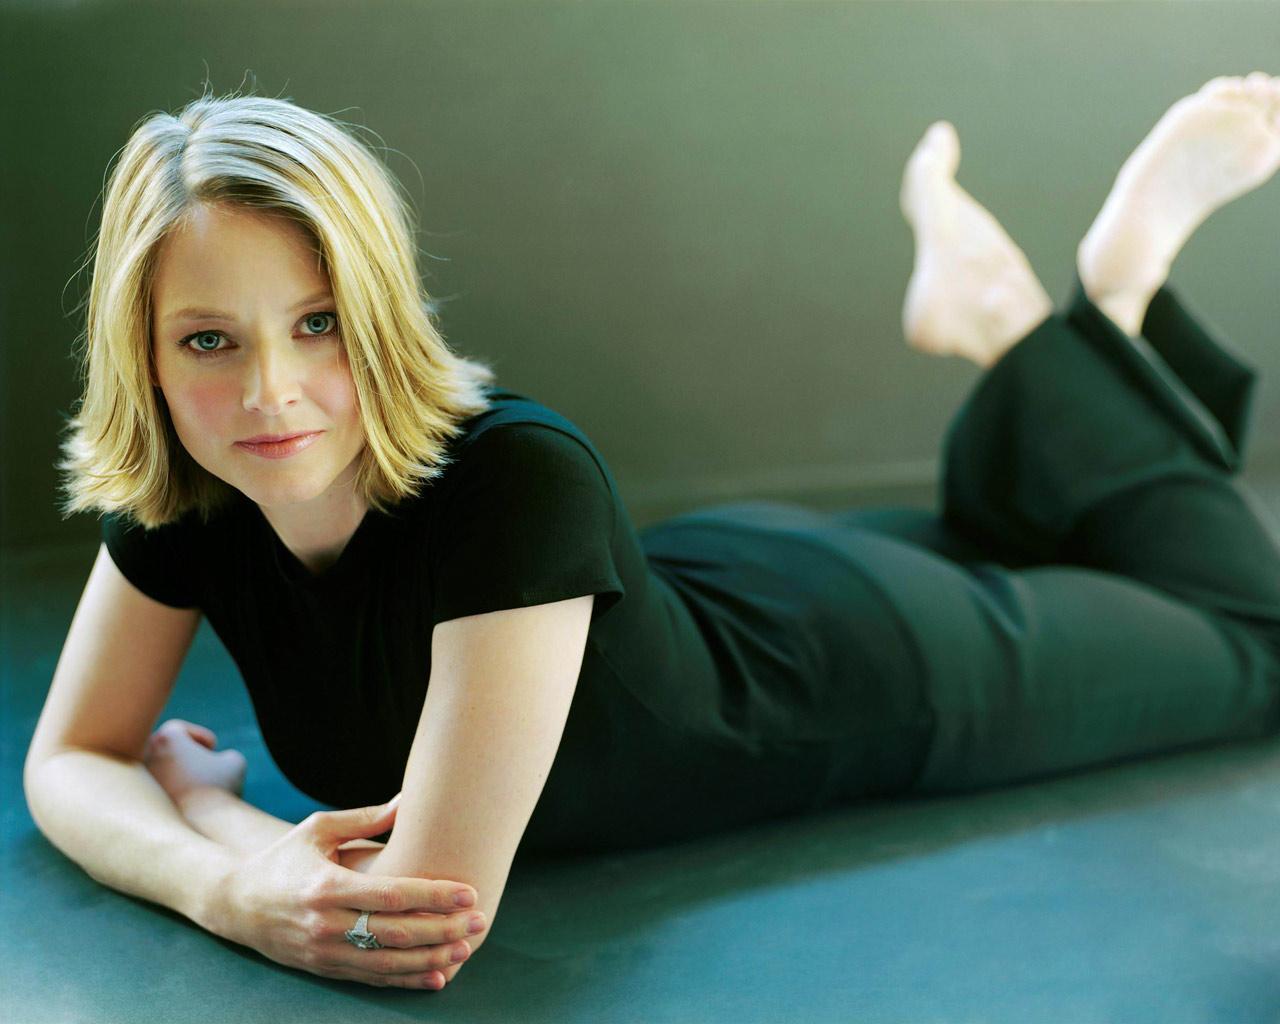 http://1.bp.blogspot.com/-yQaW3Hblkbo/T2oGFsiP4GI/AAAAAAAABno/YrLeta7nA4Q/s1600/Jodie_Foster,_Photoshoot.jpg